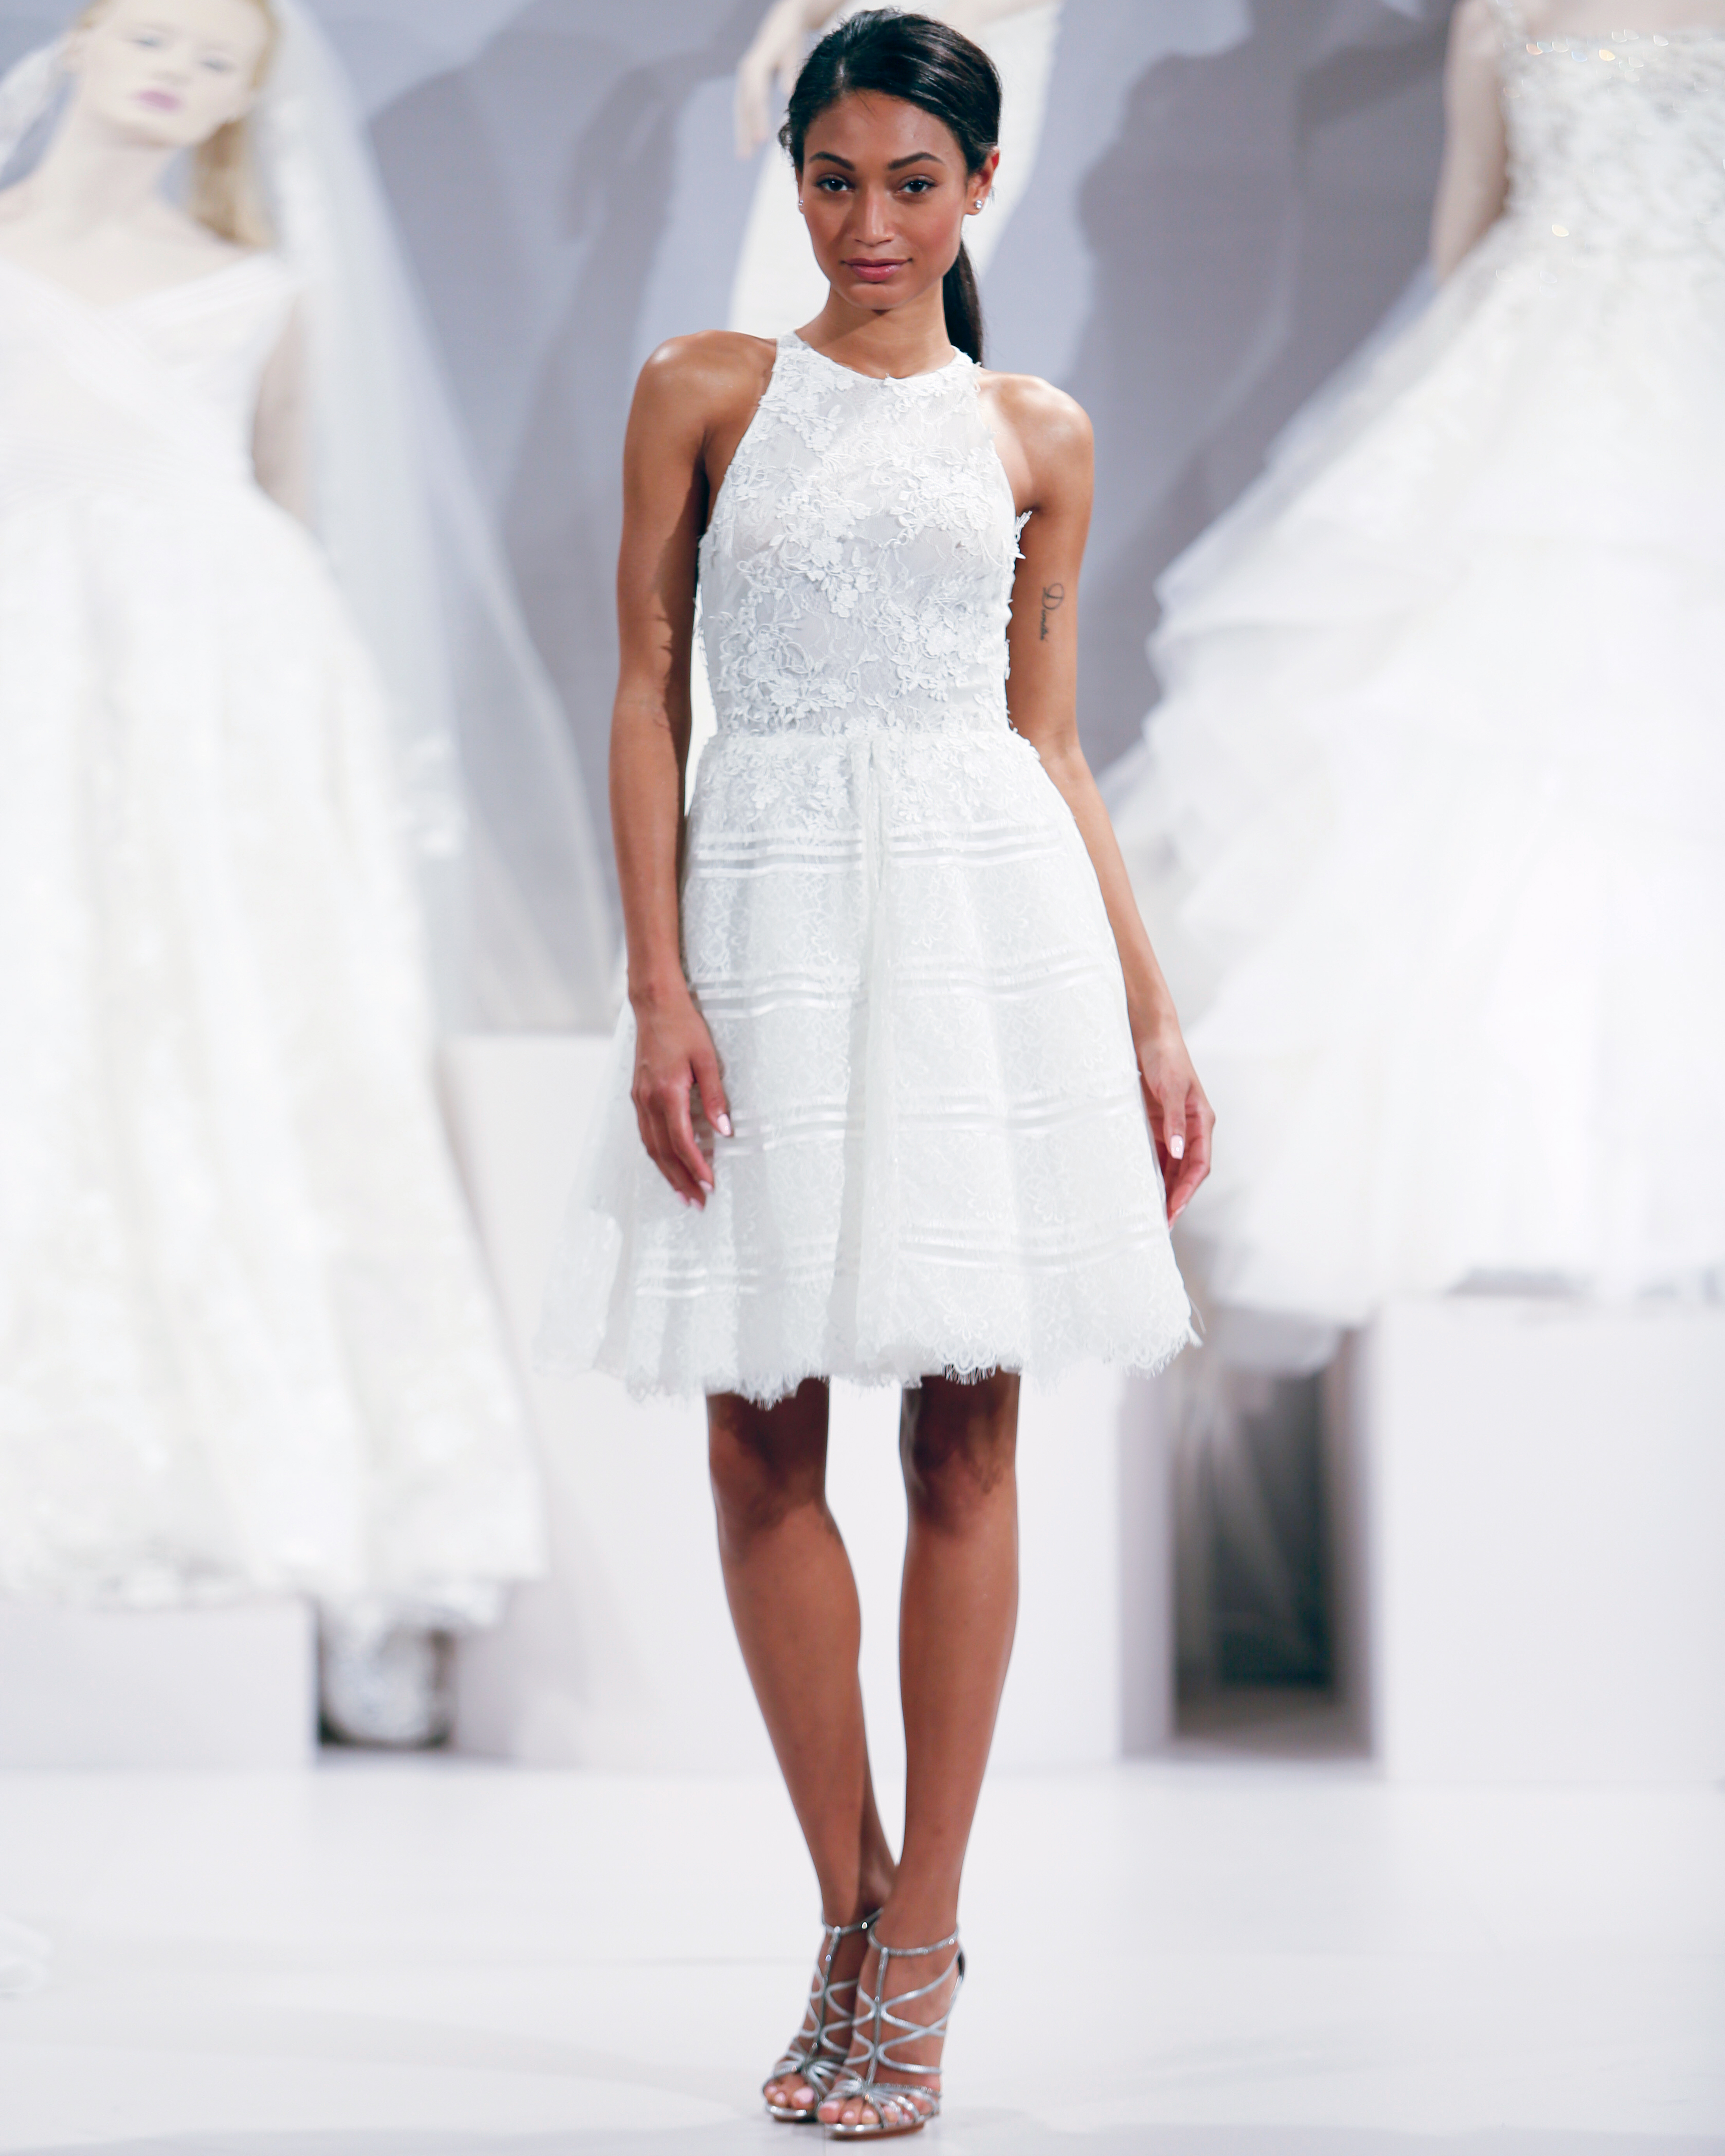 short-dresses-tony-ward-spring2016-short-wedding-dress-0515.jpg